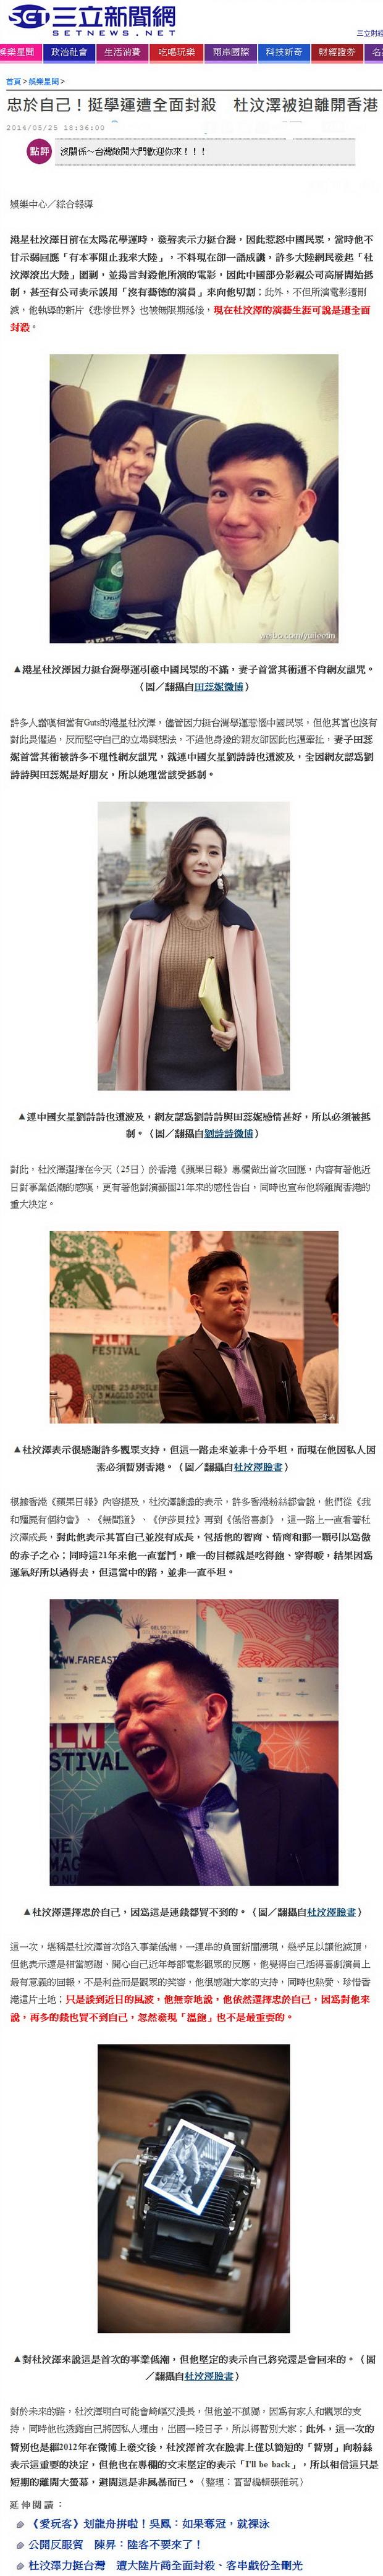 忠於自己!挺學運遭全面封殺 杜汶澤被迫離開香港-2014.05.25.jpg